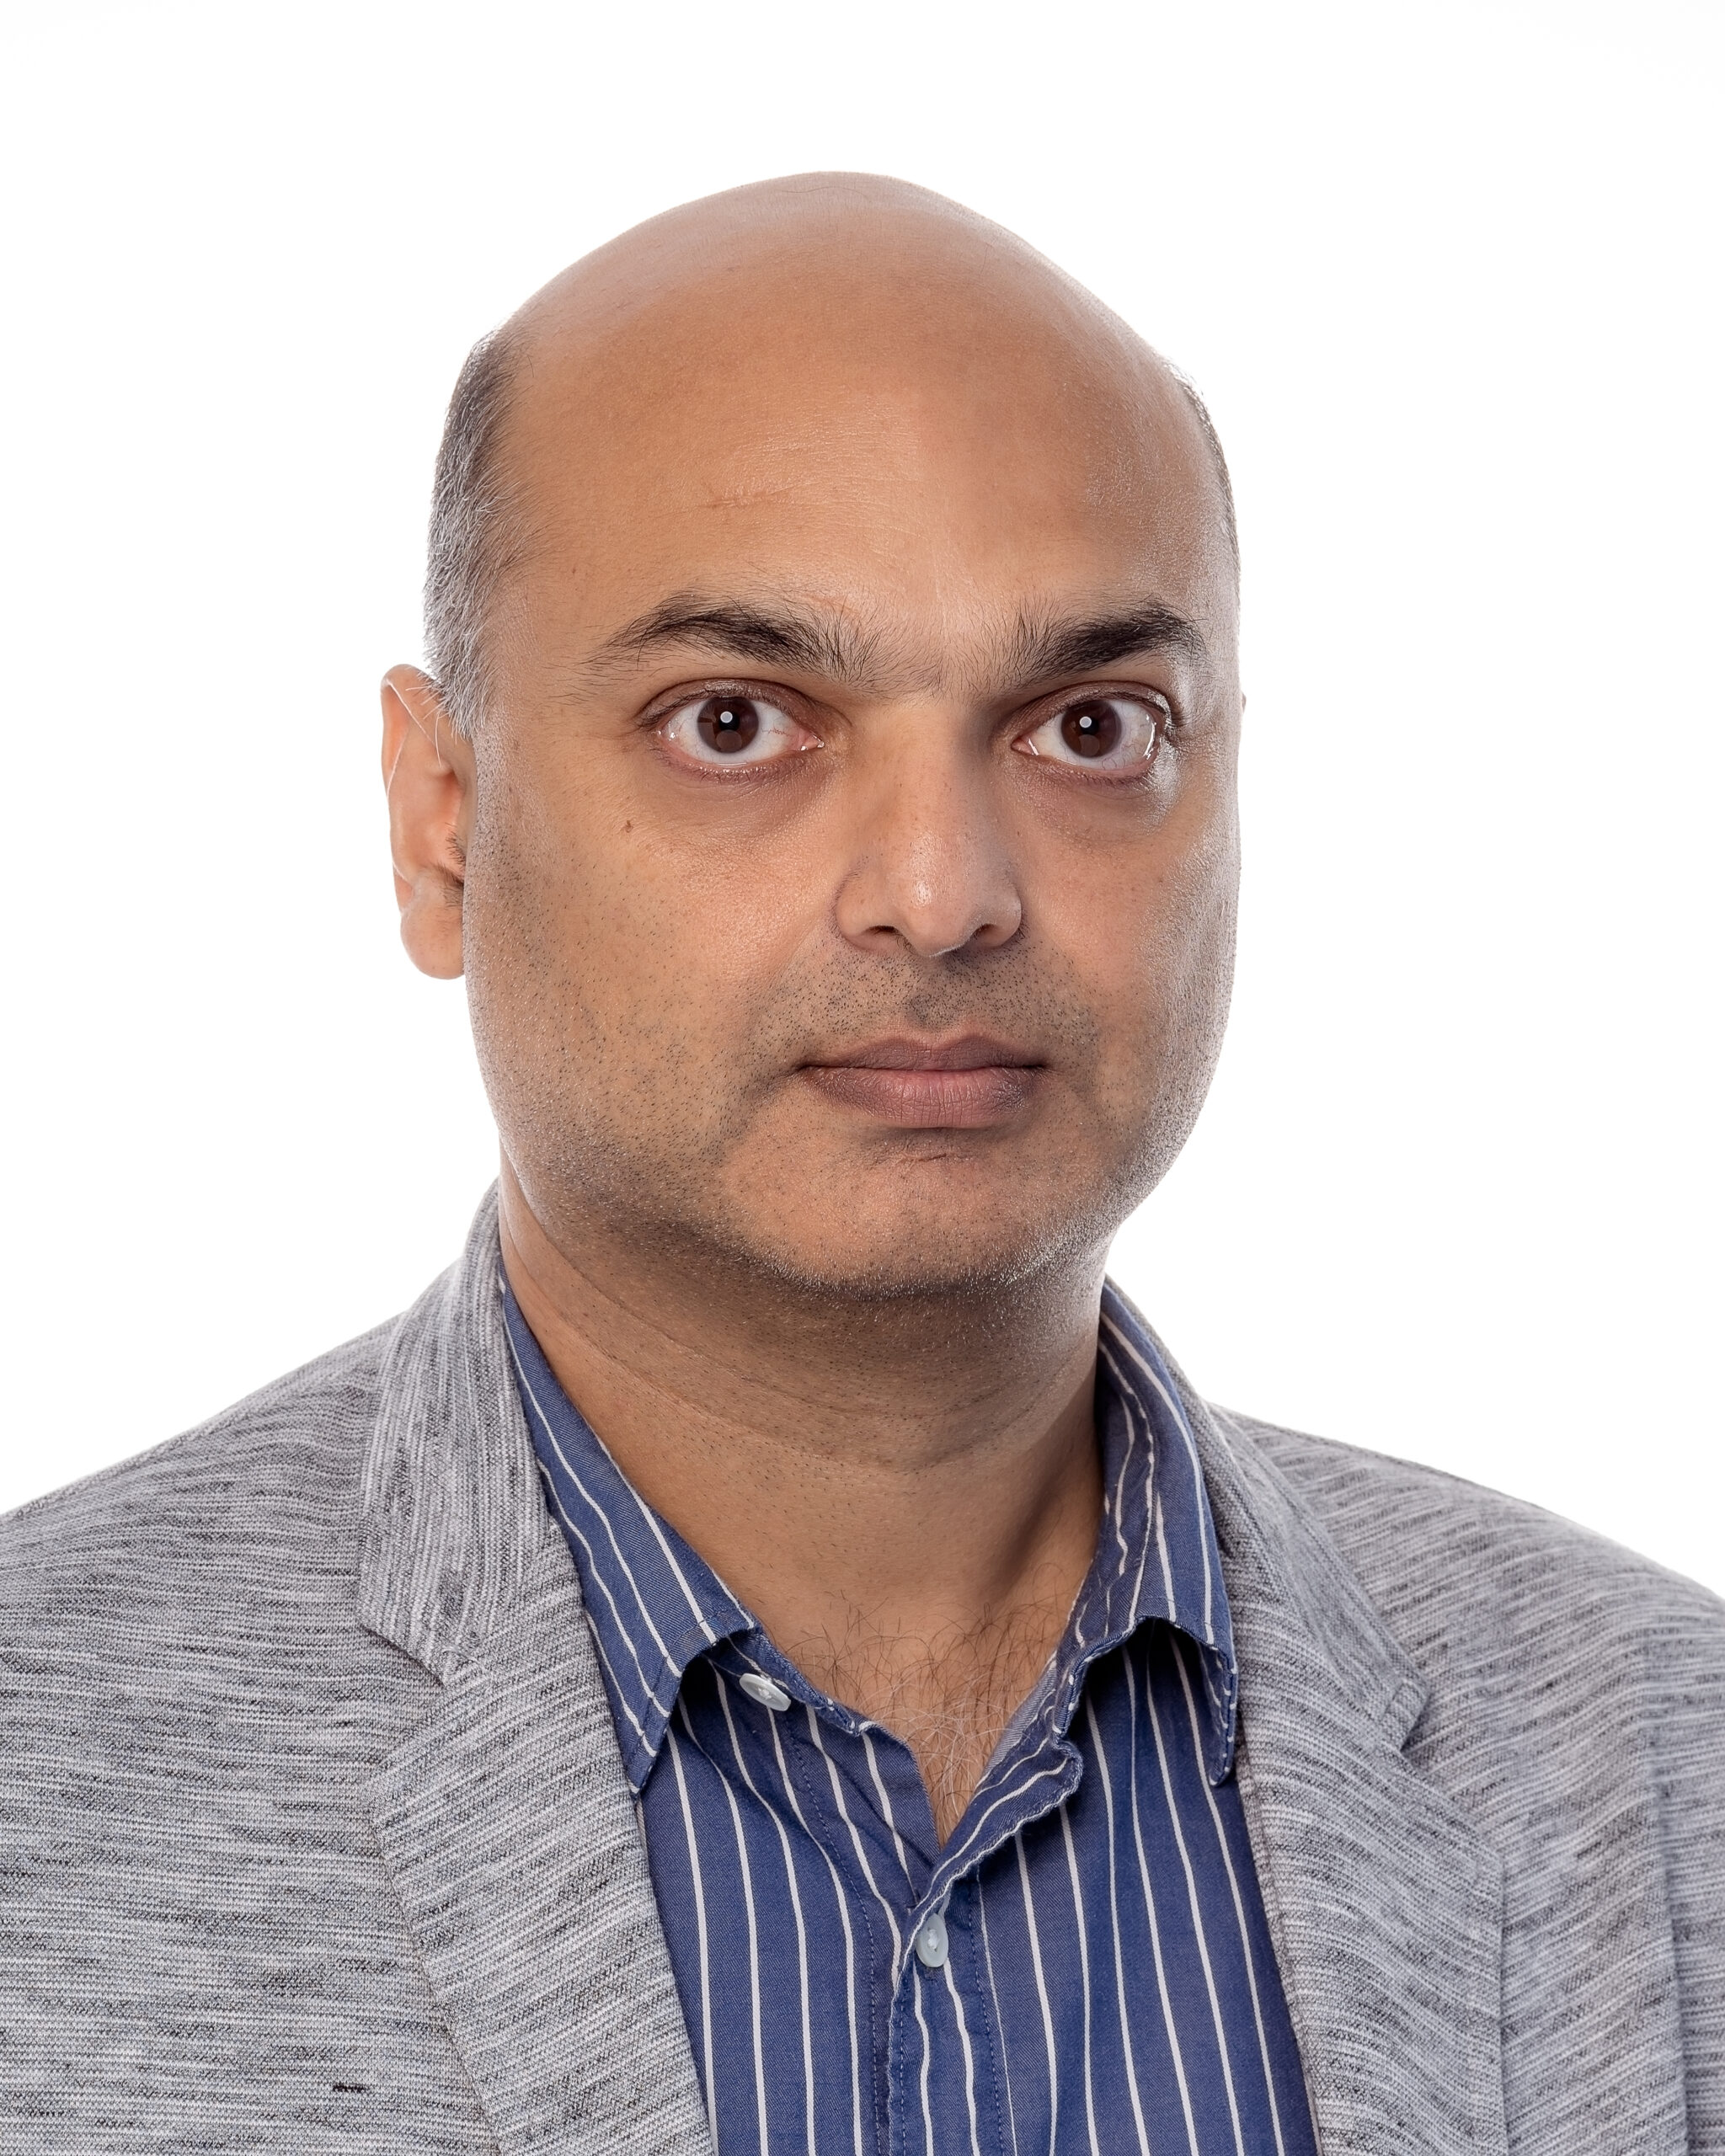 Dr Sidharth Agarwal